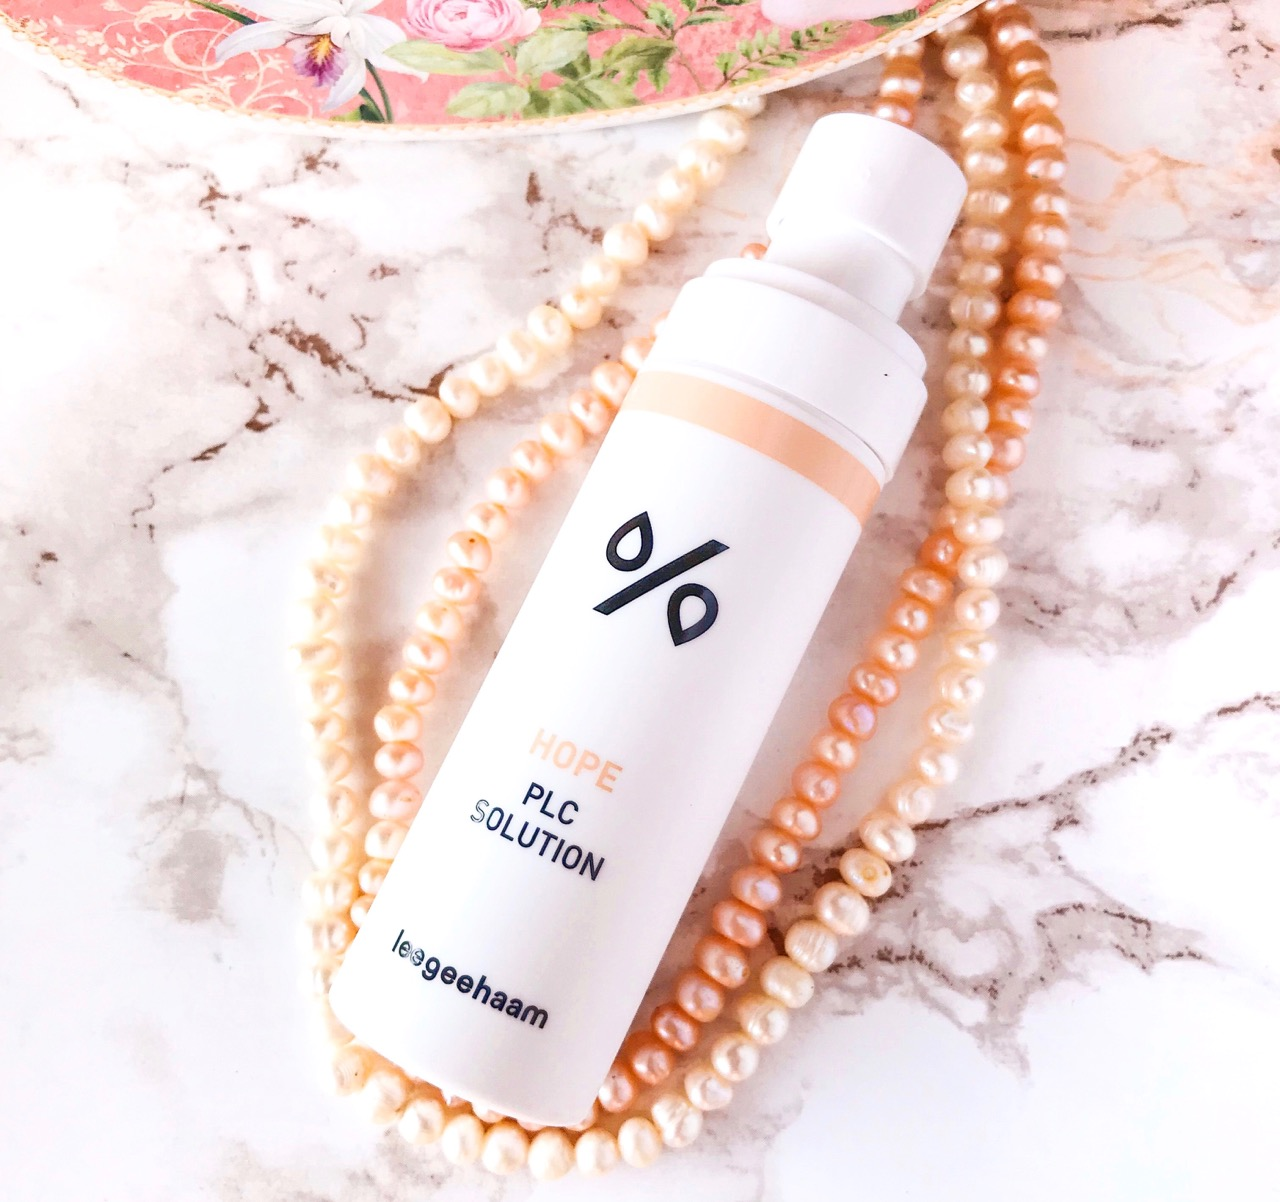 Beauty Favoriten August 2018 - Leegeehaam PLC Solution